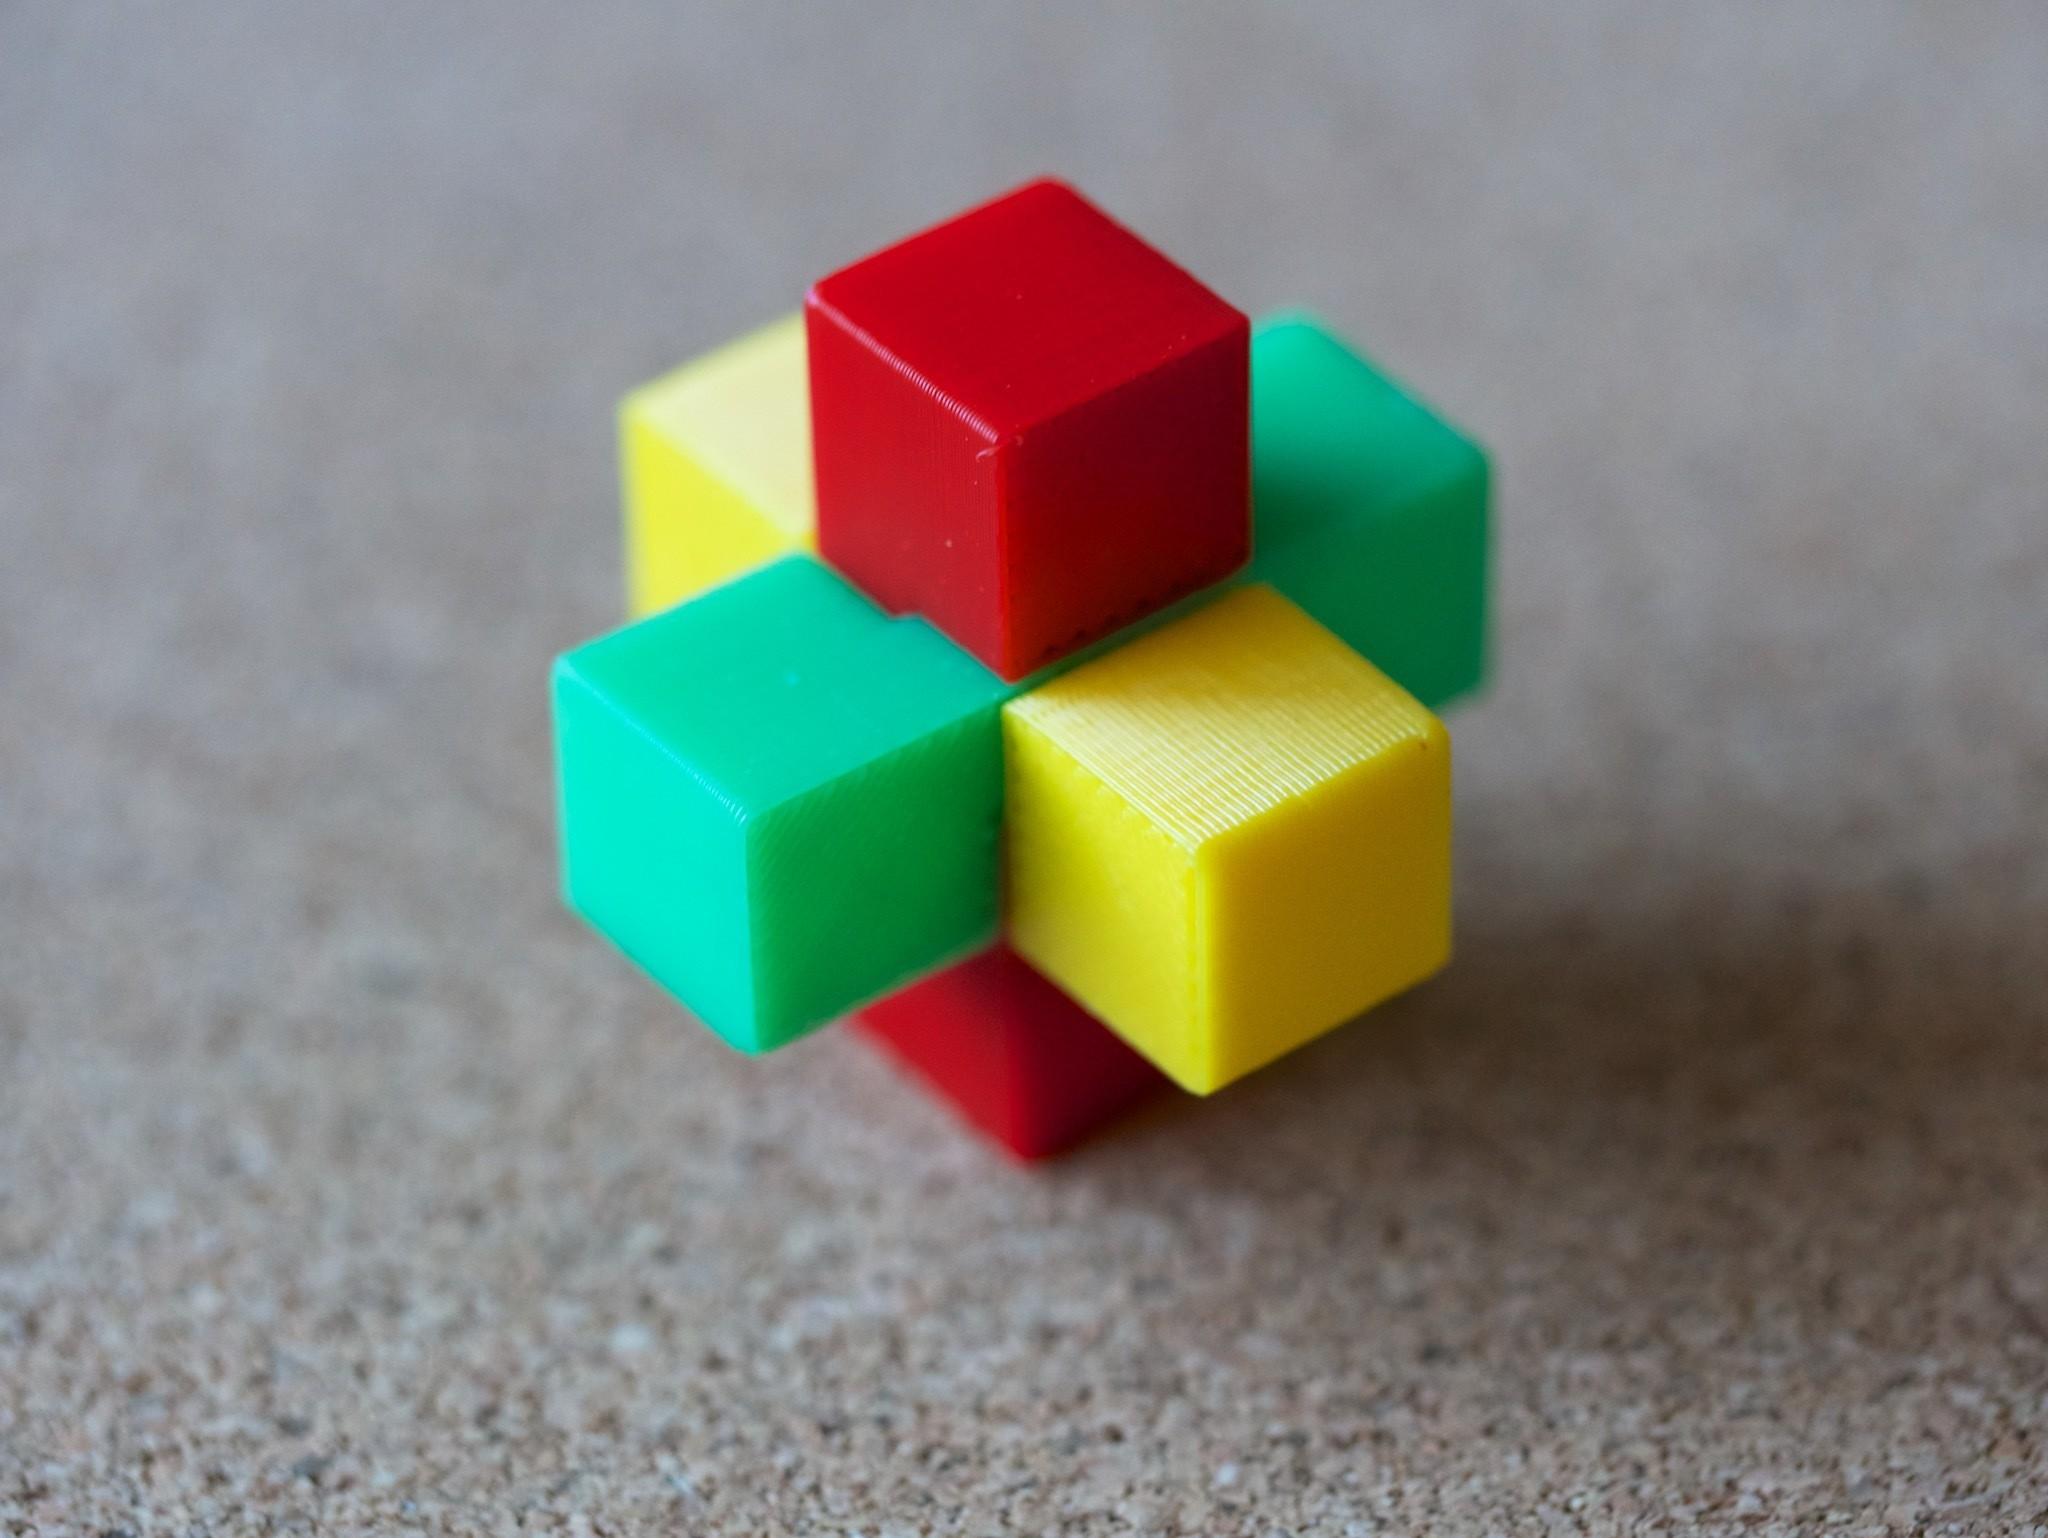 3pzlR_01.jpg Download free STL file 3 piece puzzle (R) • 3D print template, bs3